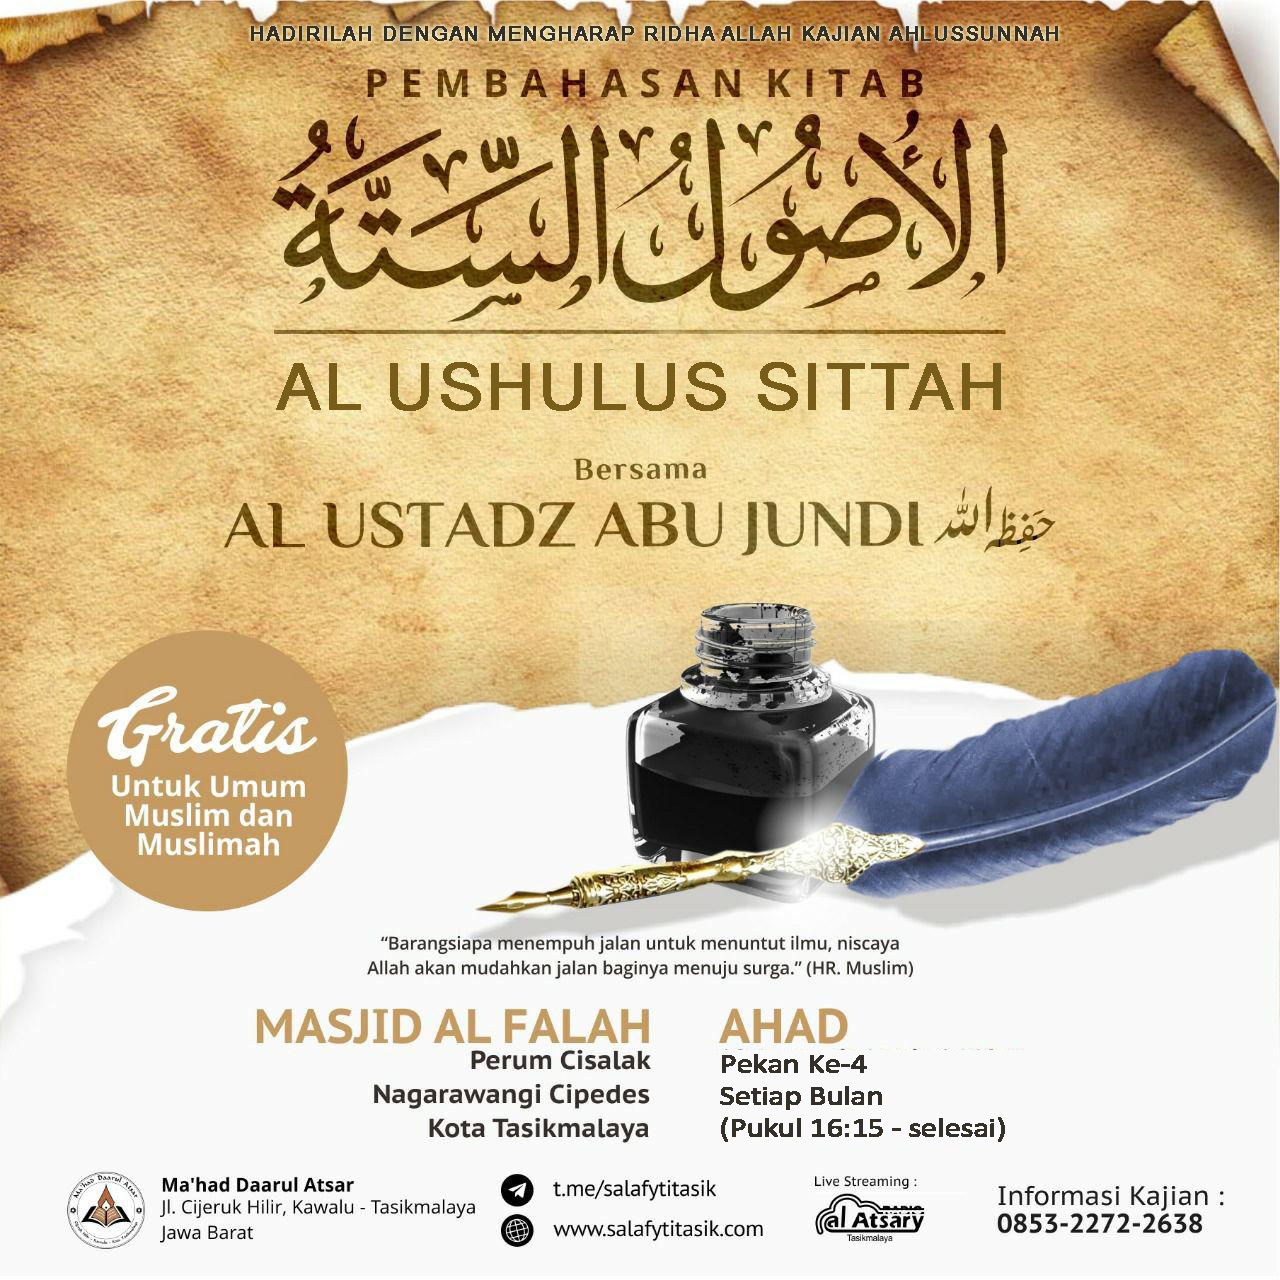 [AUDIO] Kajian Kitab Al Ushulus Sittah - Al Ustadz Abu Jundi